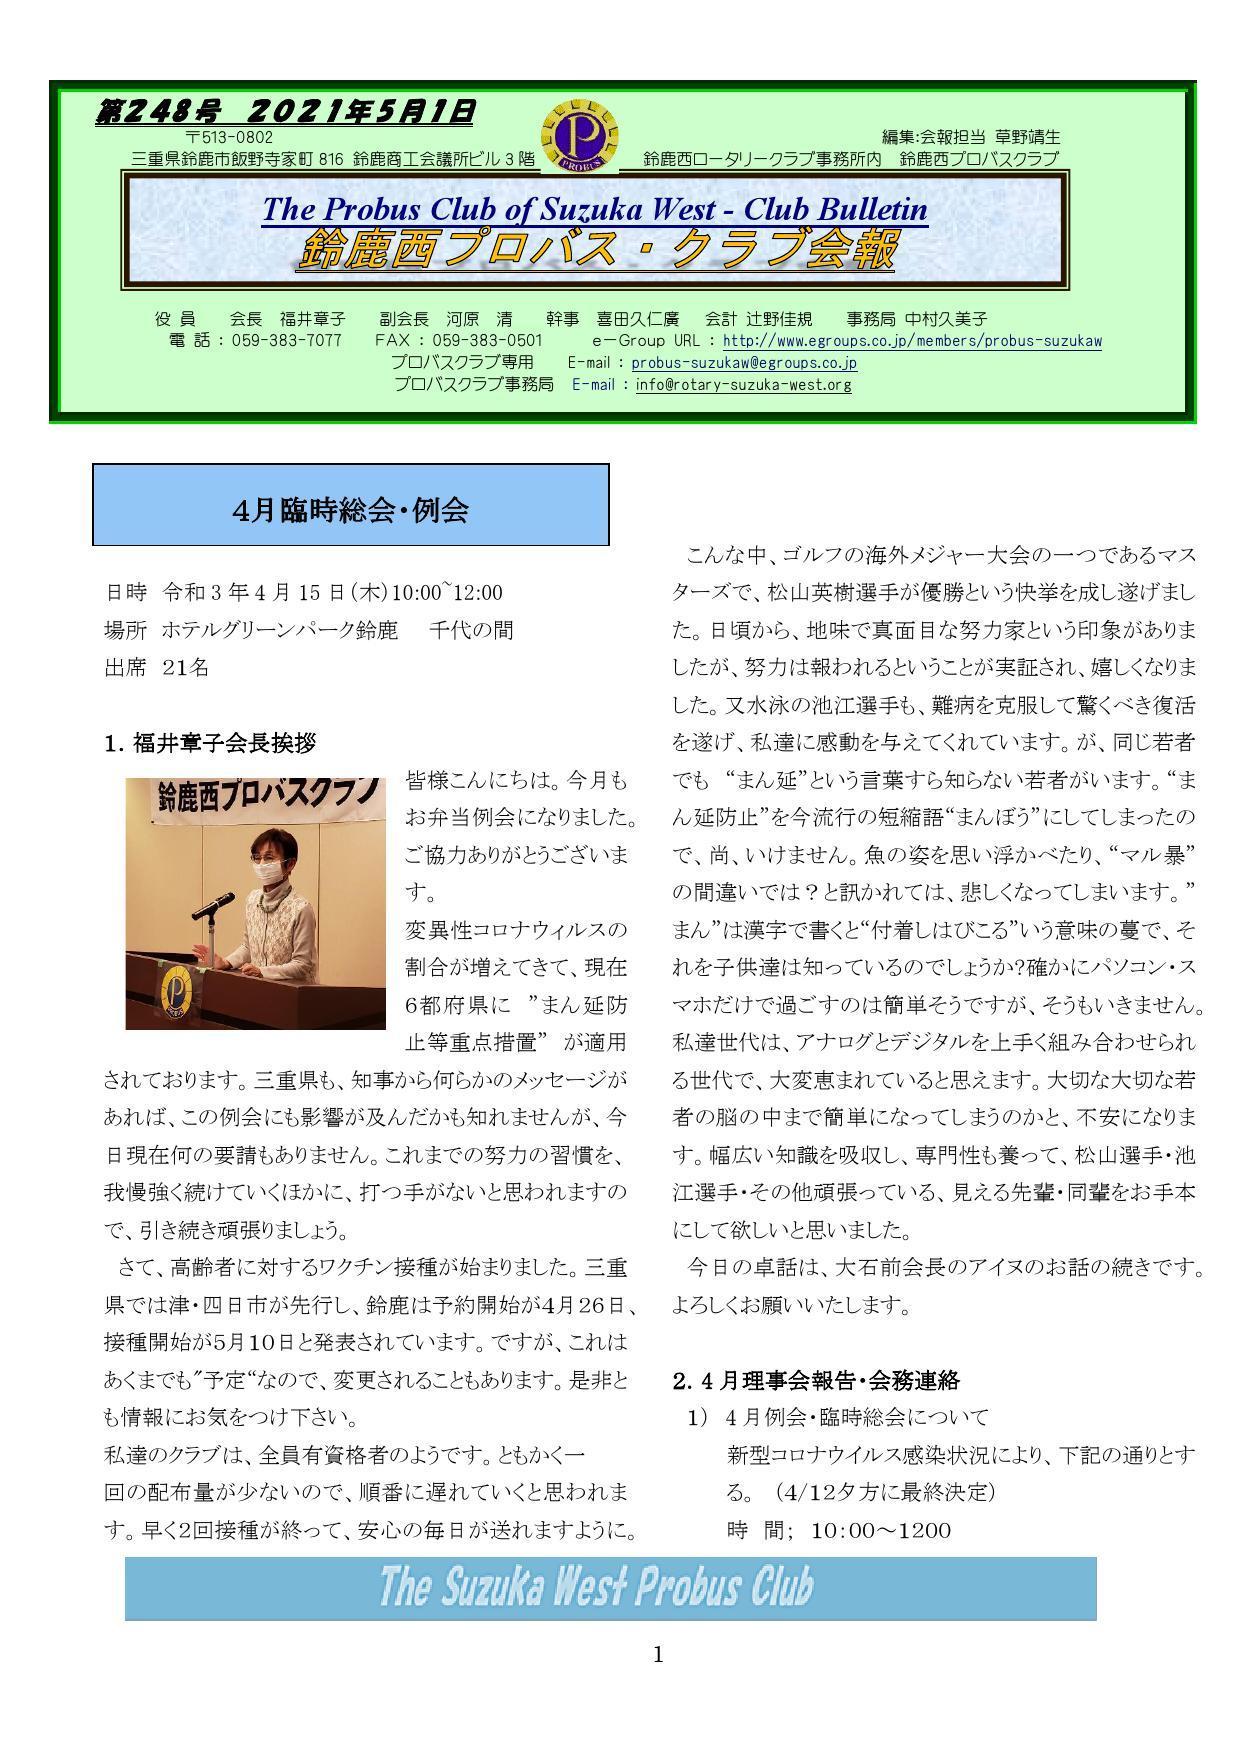 鈴鹿西プロバスクラブ会報 第248号 2021年5月1日_b0000714_10545828.jpg